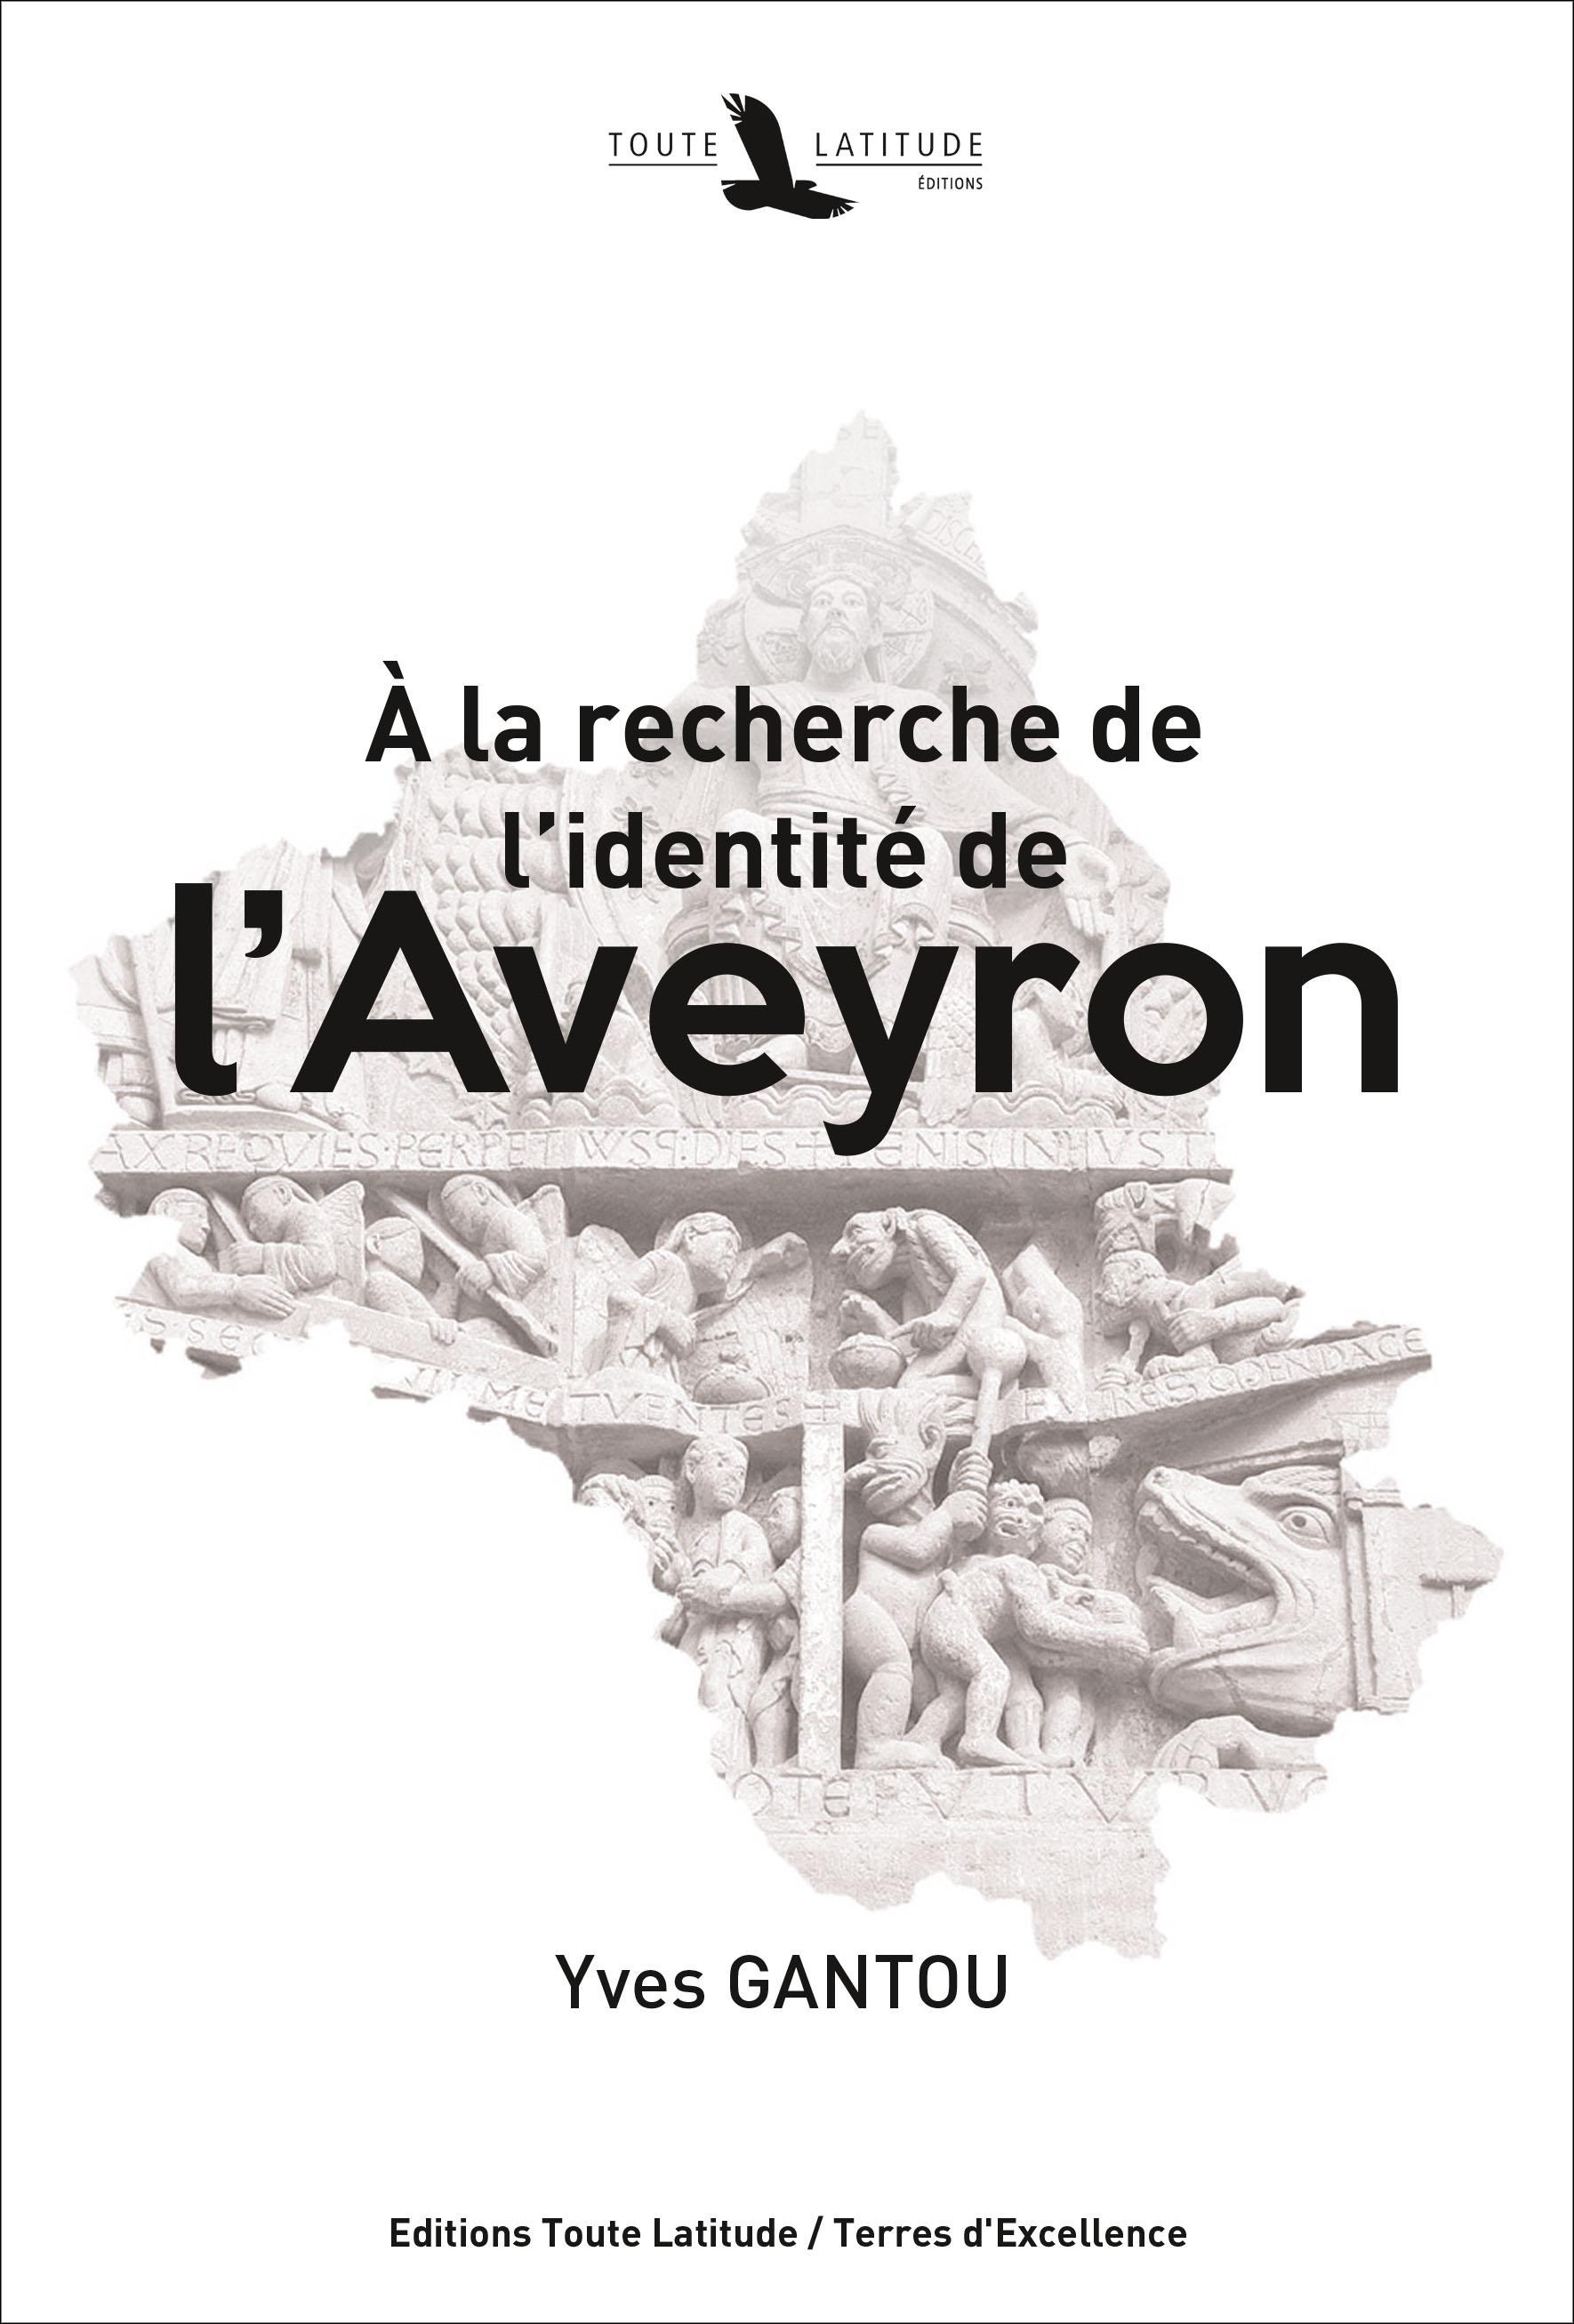 Aveyron-Gantou.indd